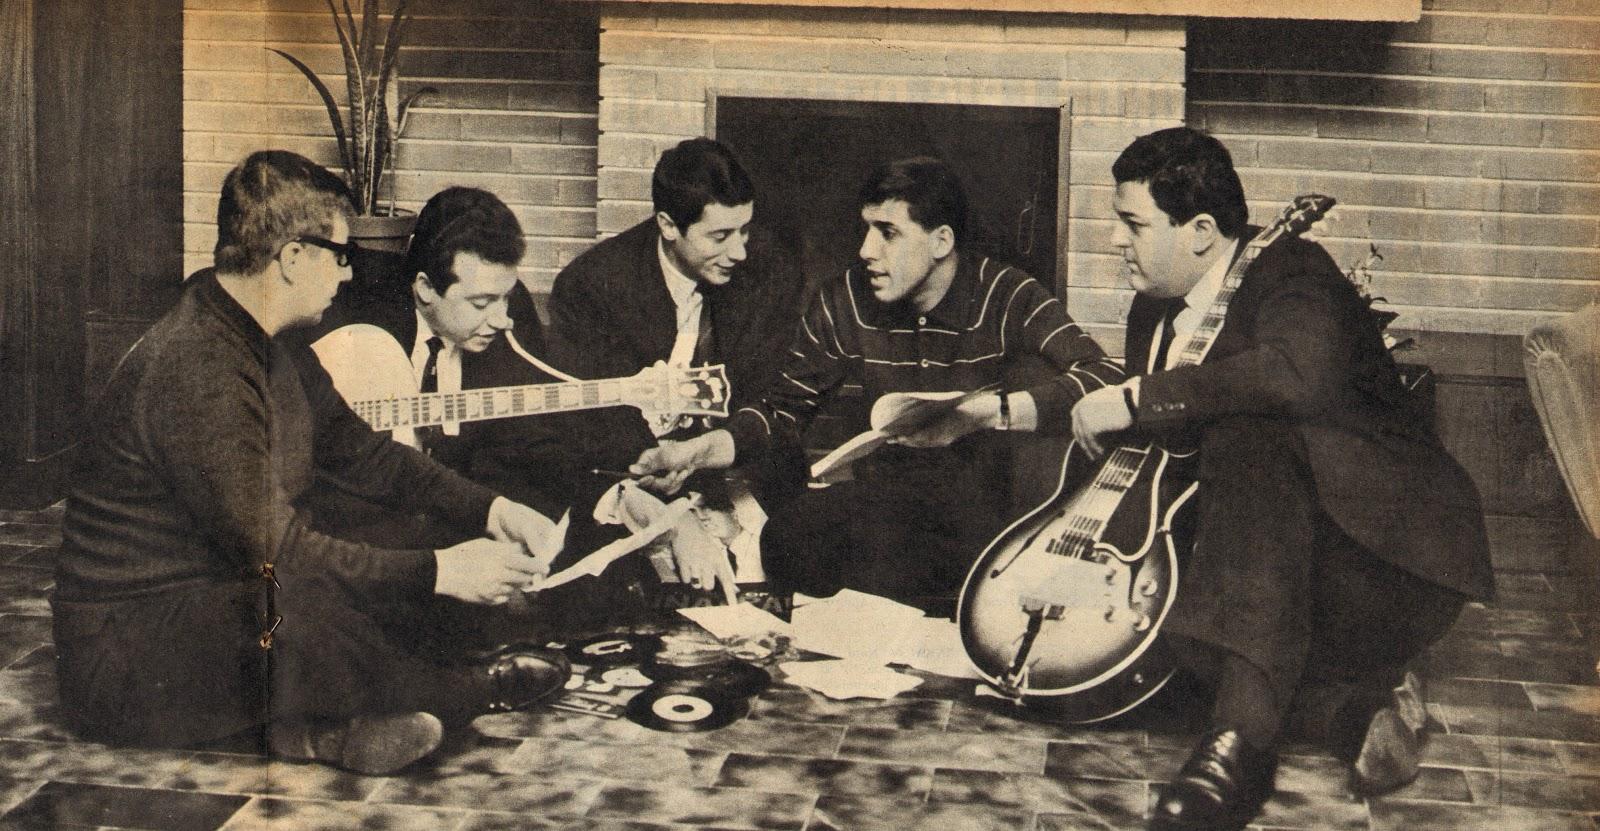 Adriano Celentano, cantautore